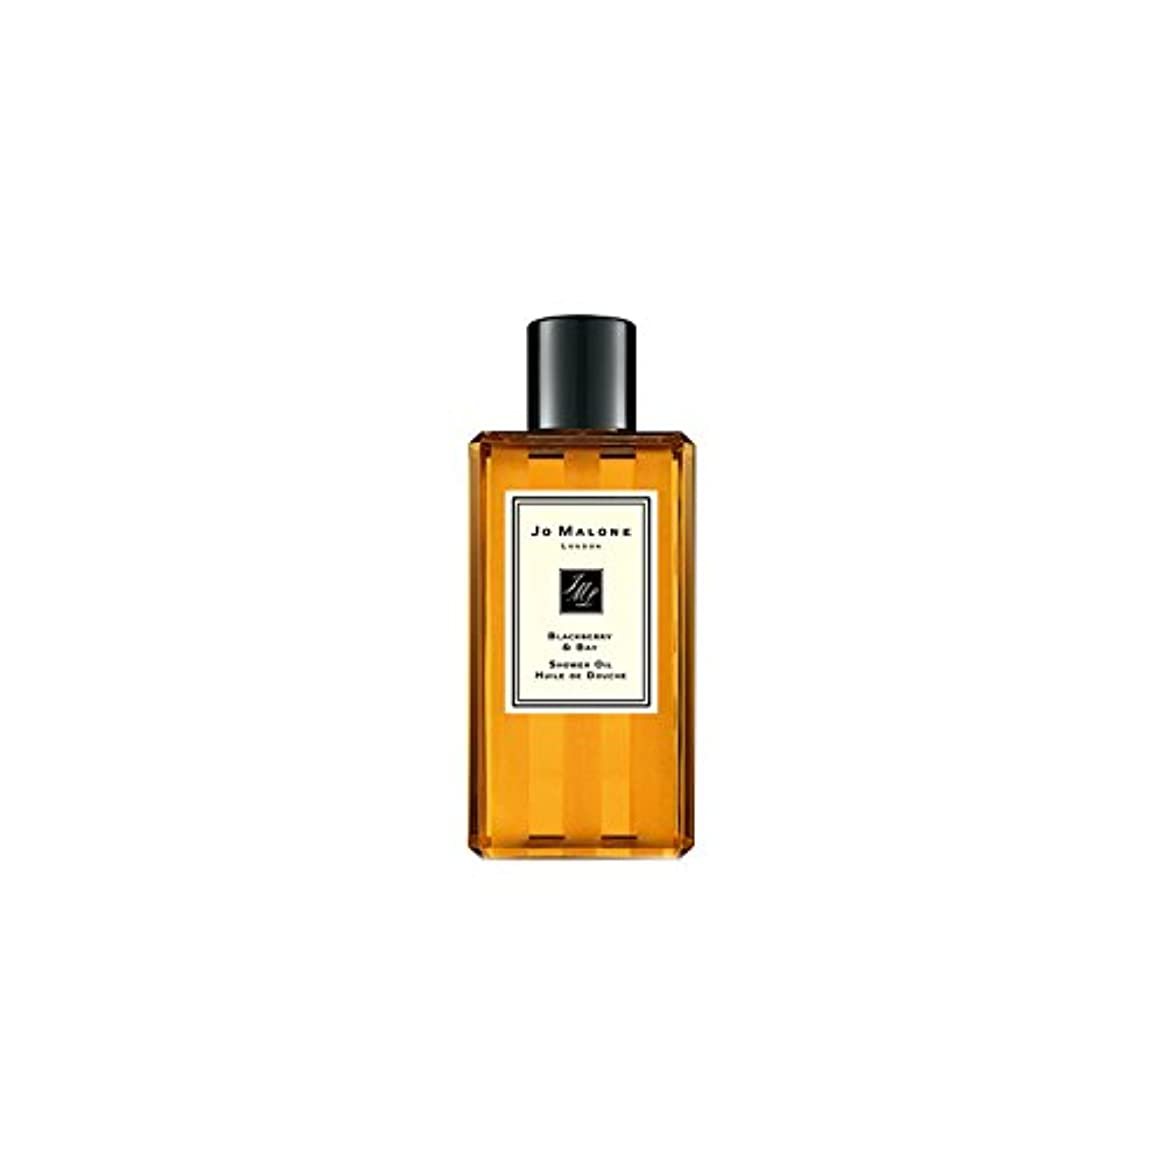 達成する解釈する野心的Jo Malone Blackberry & Bay Shower Oil - 250ml (Pack of 6) - ジョーマローンブラックベリー&ベイシャワーオイル - 250ミリリットル (x6) [並行輸入品]